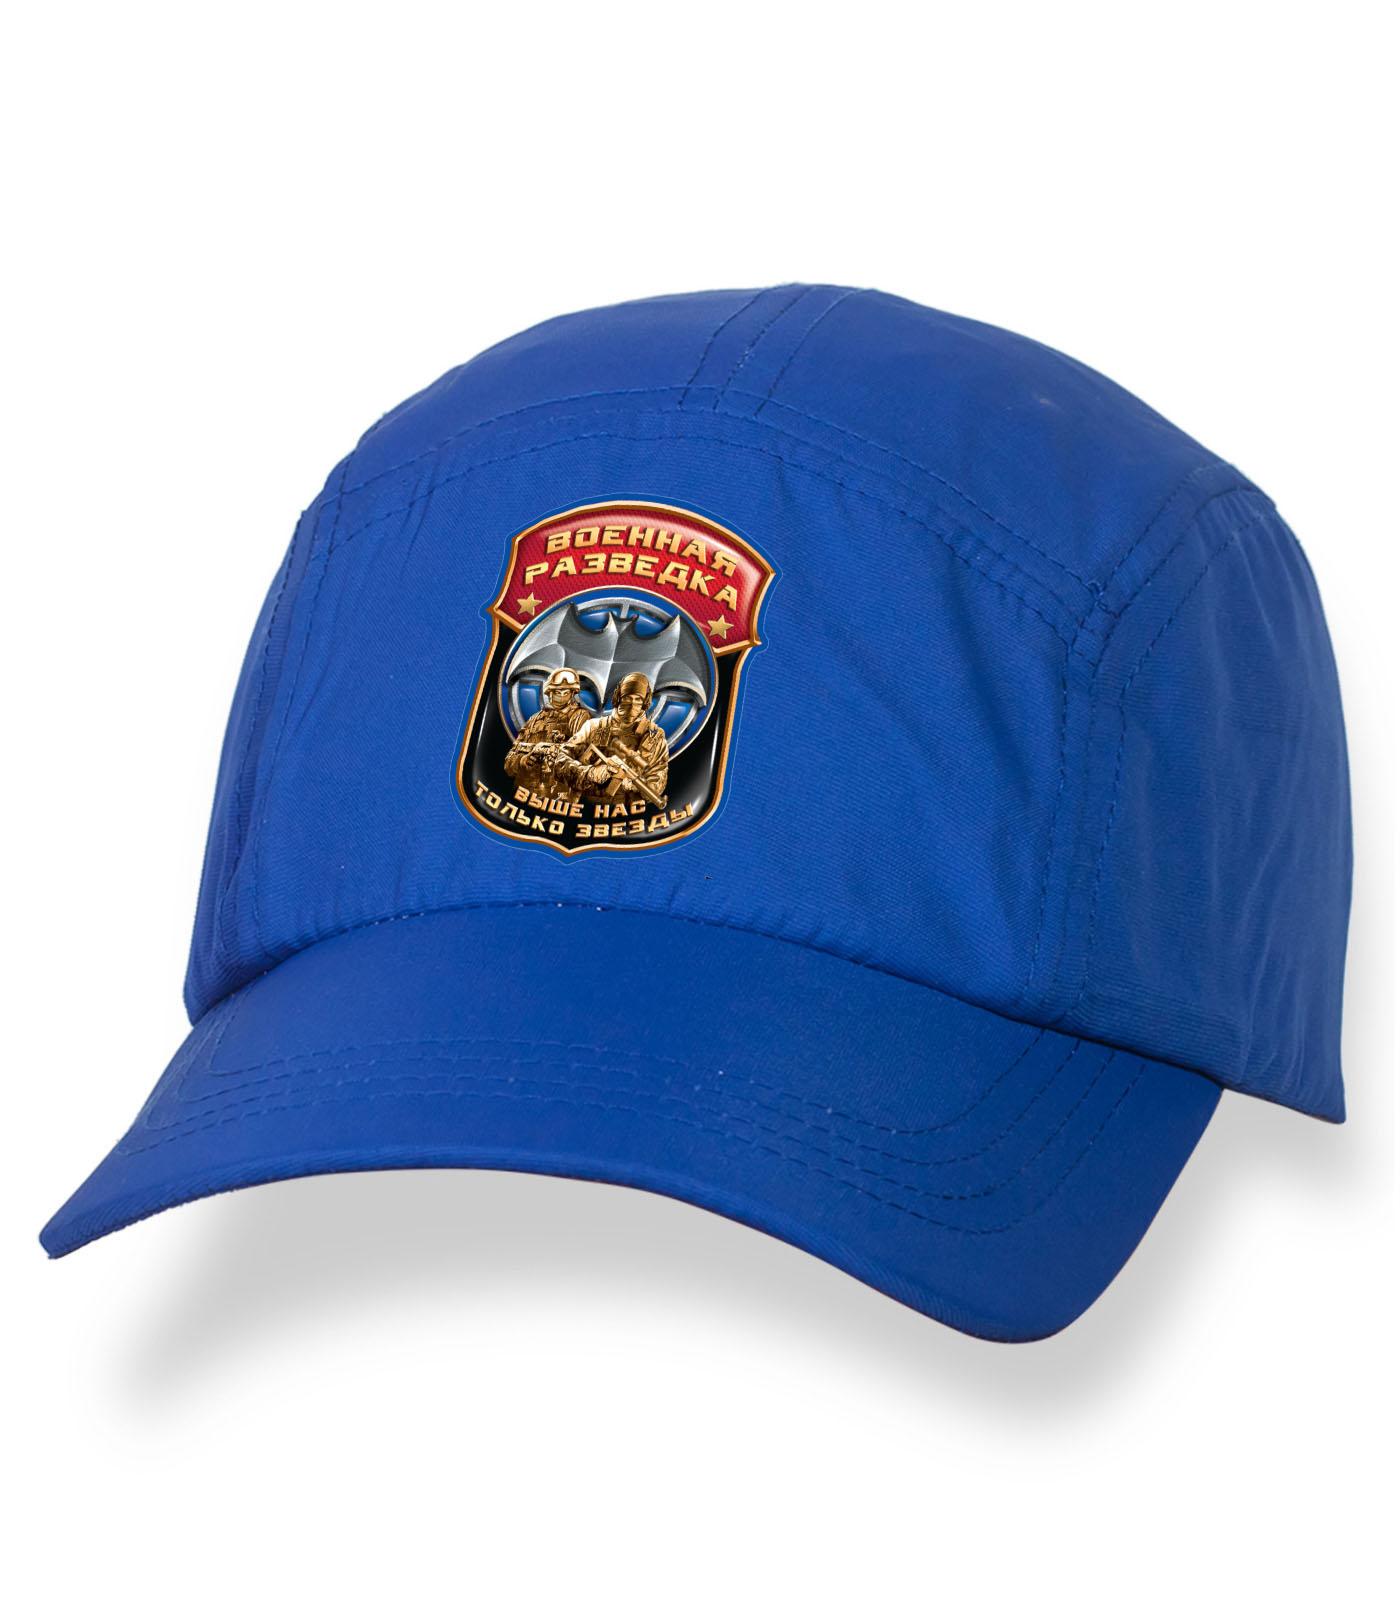 Зачетная синяя бейсболка с термонаклейкой Военная Разведка